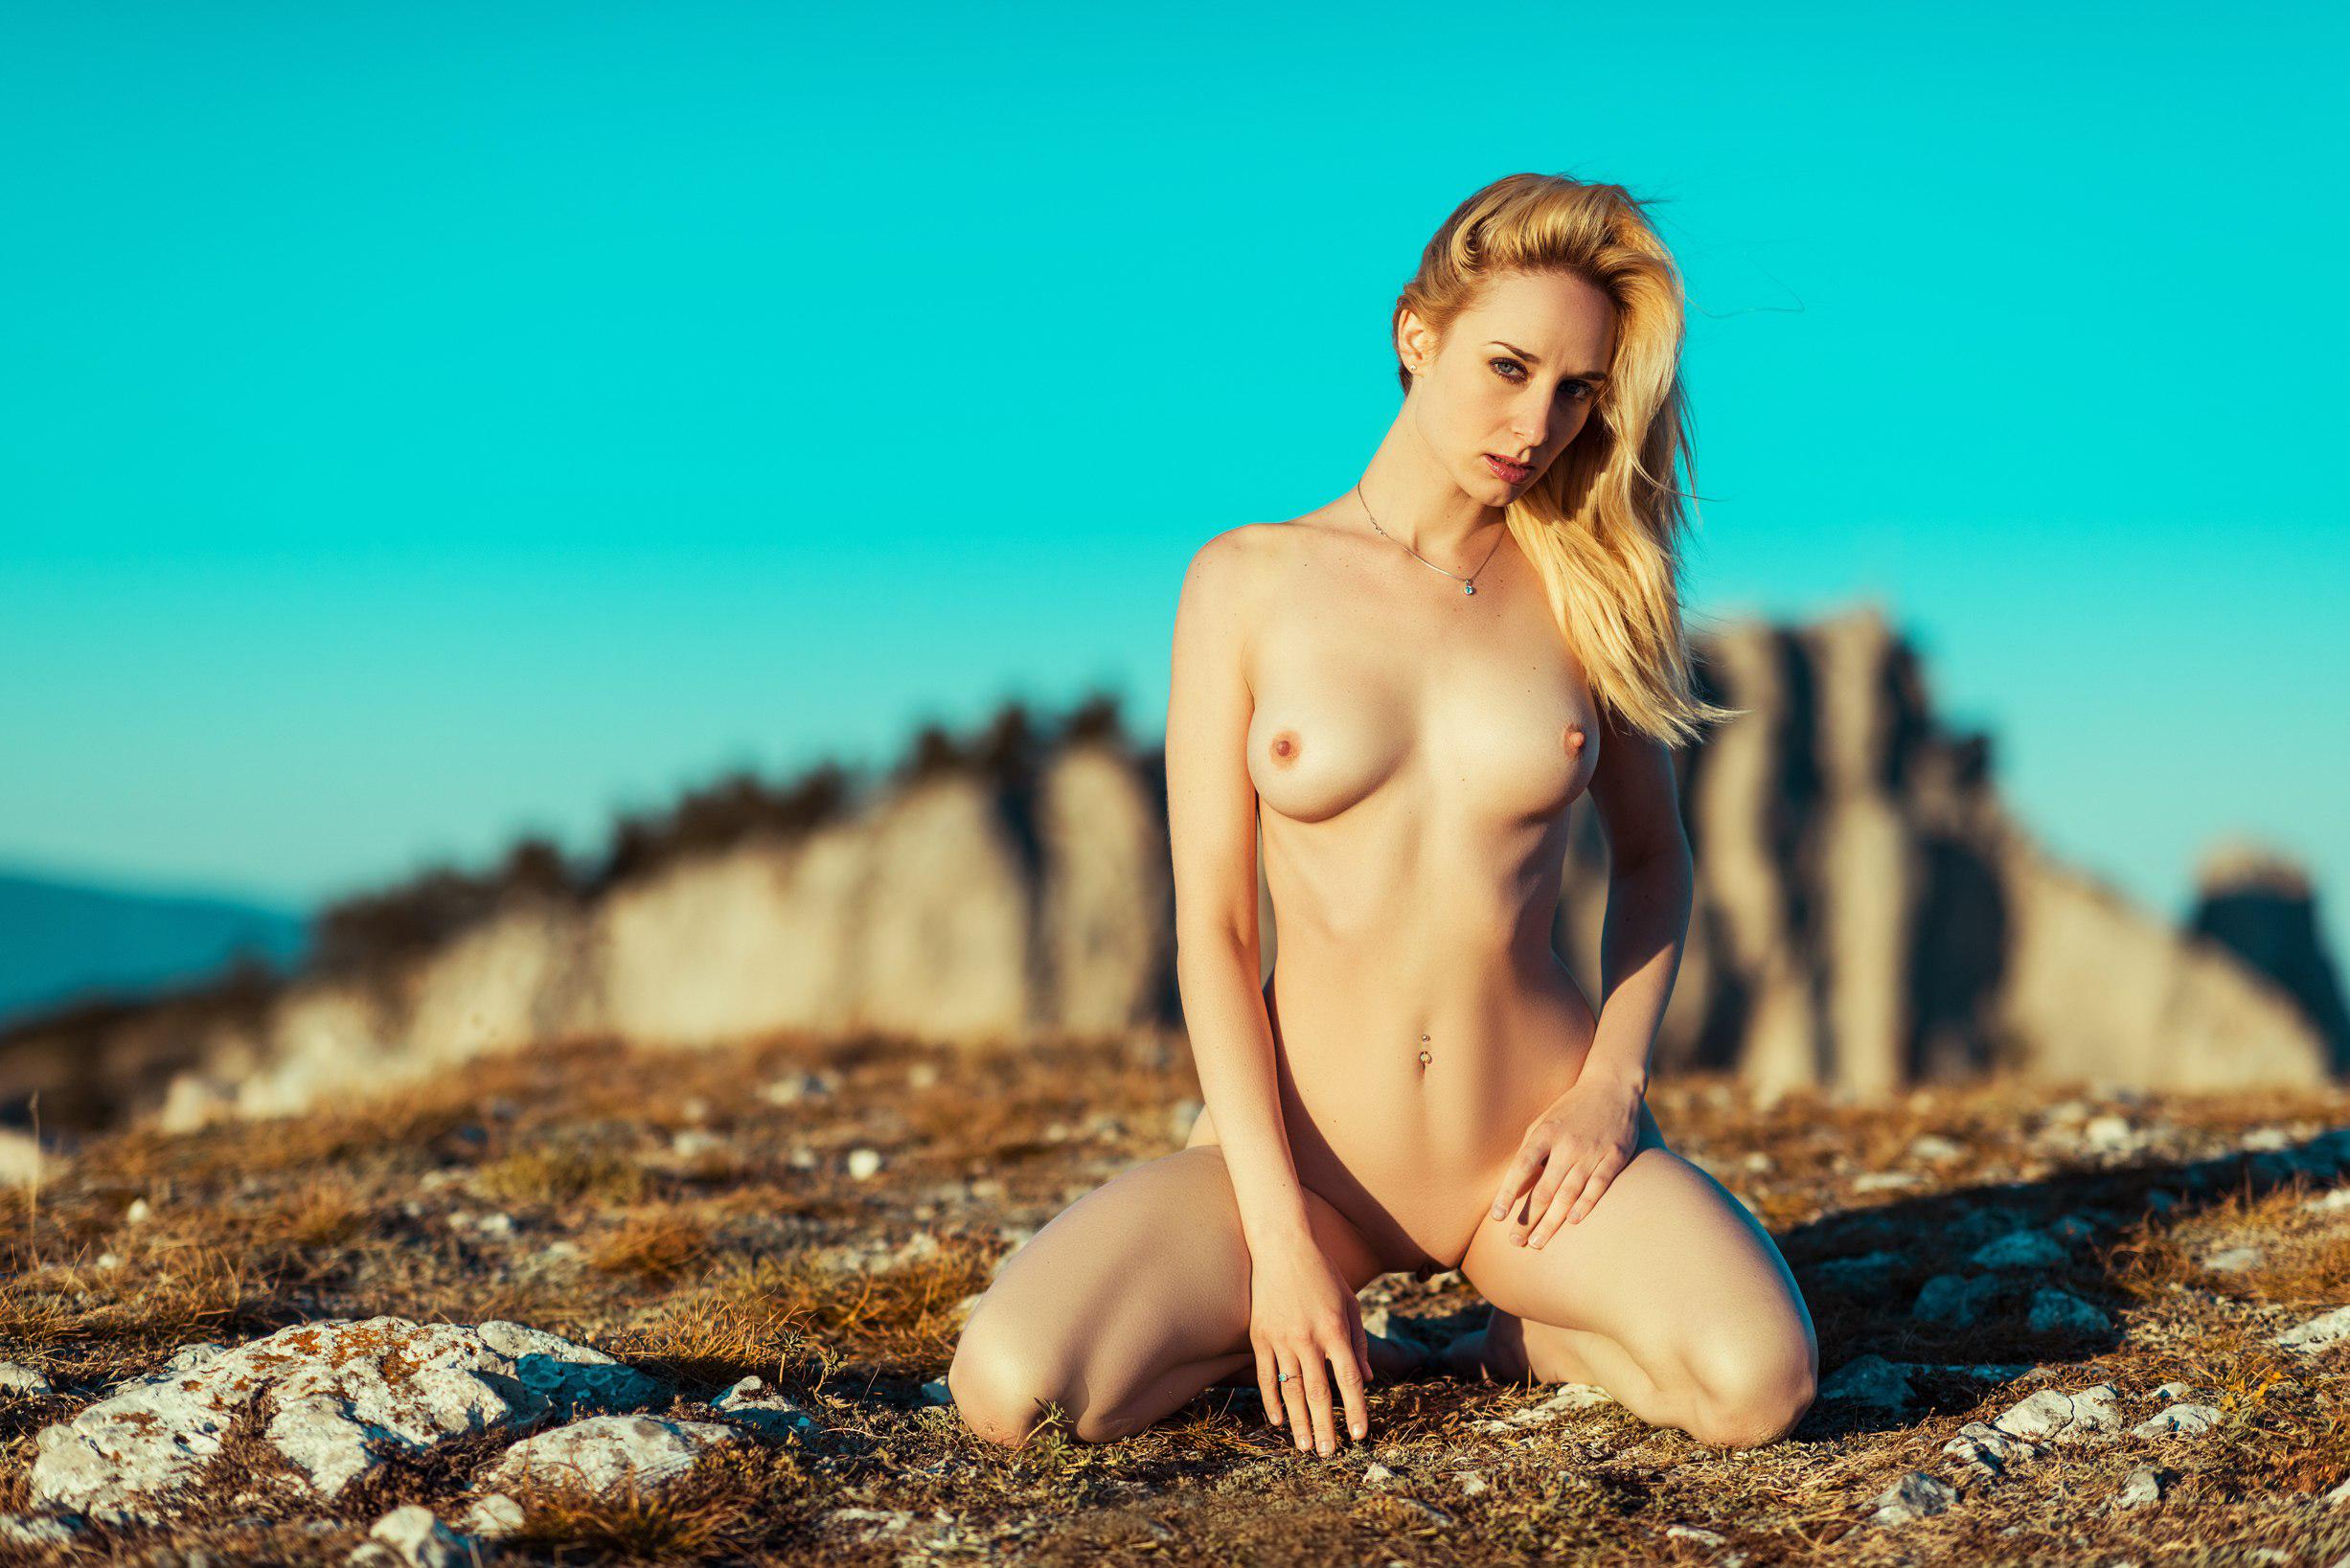 красивые девушки фото голые полностью даже